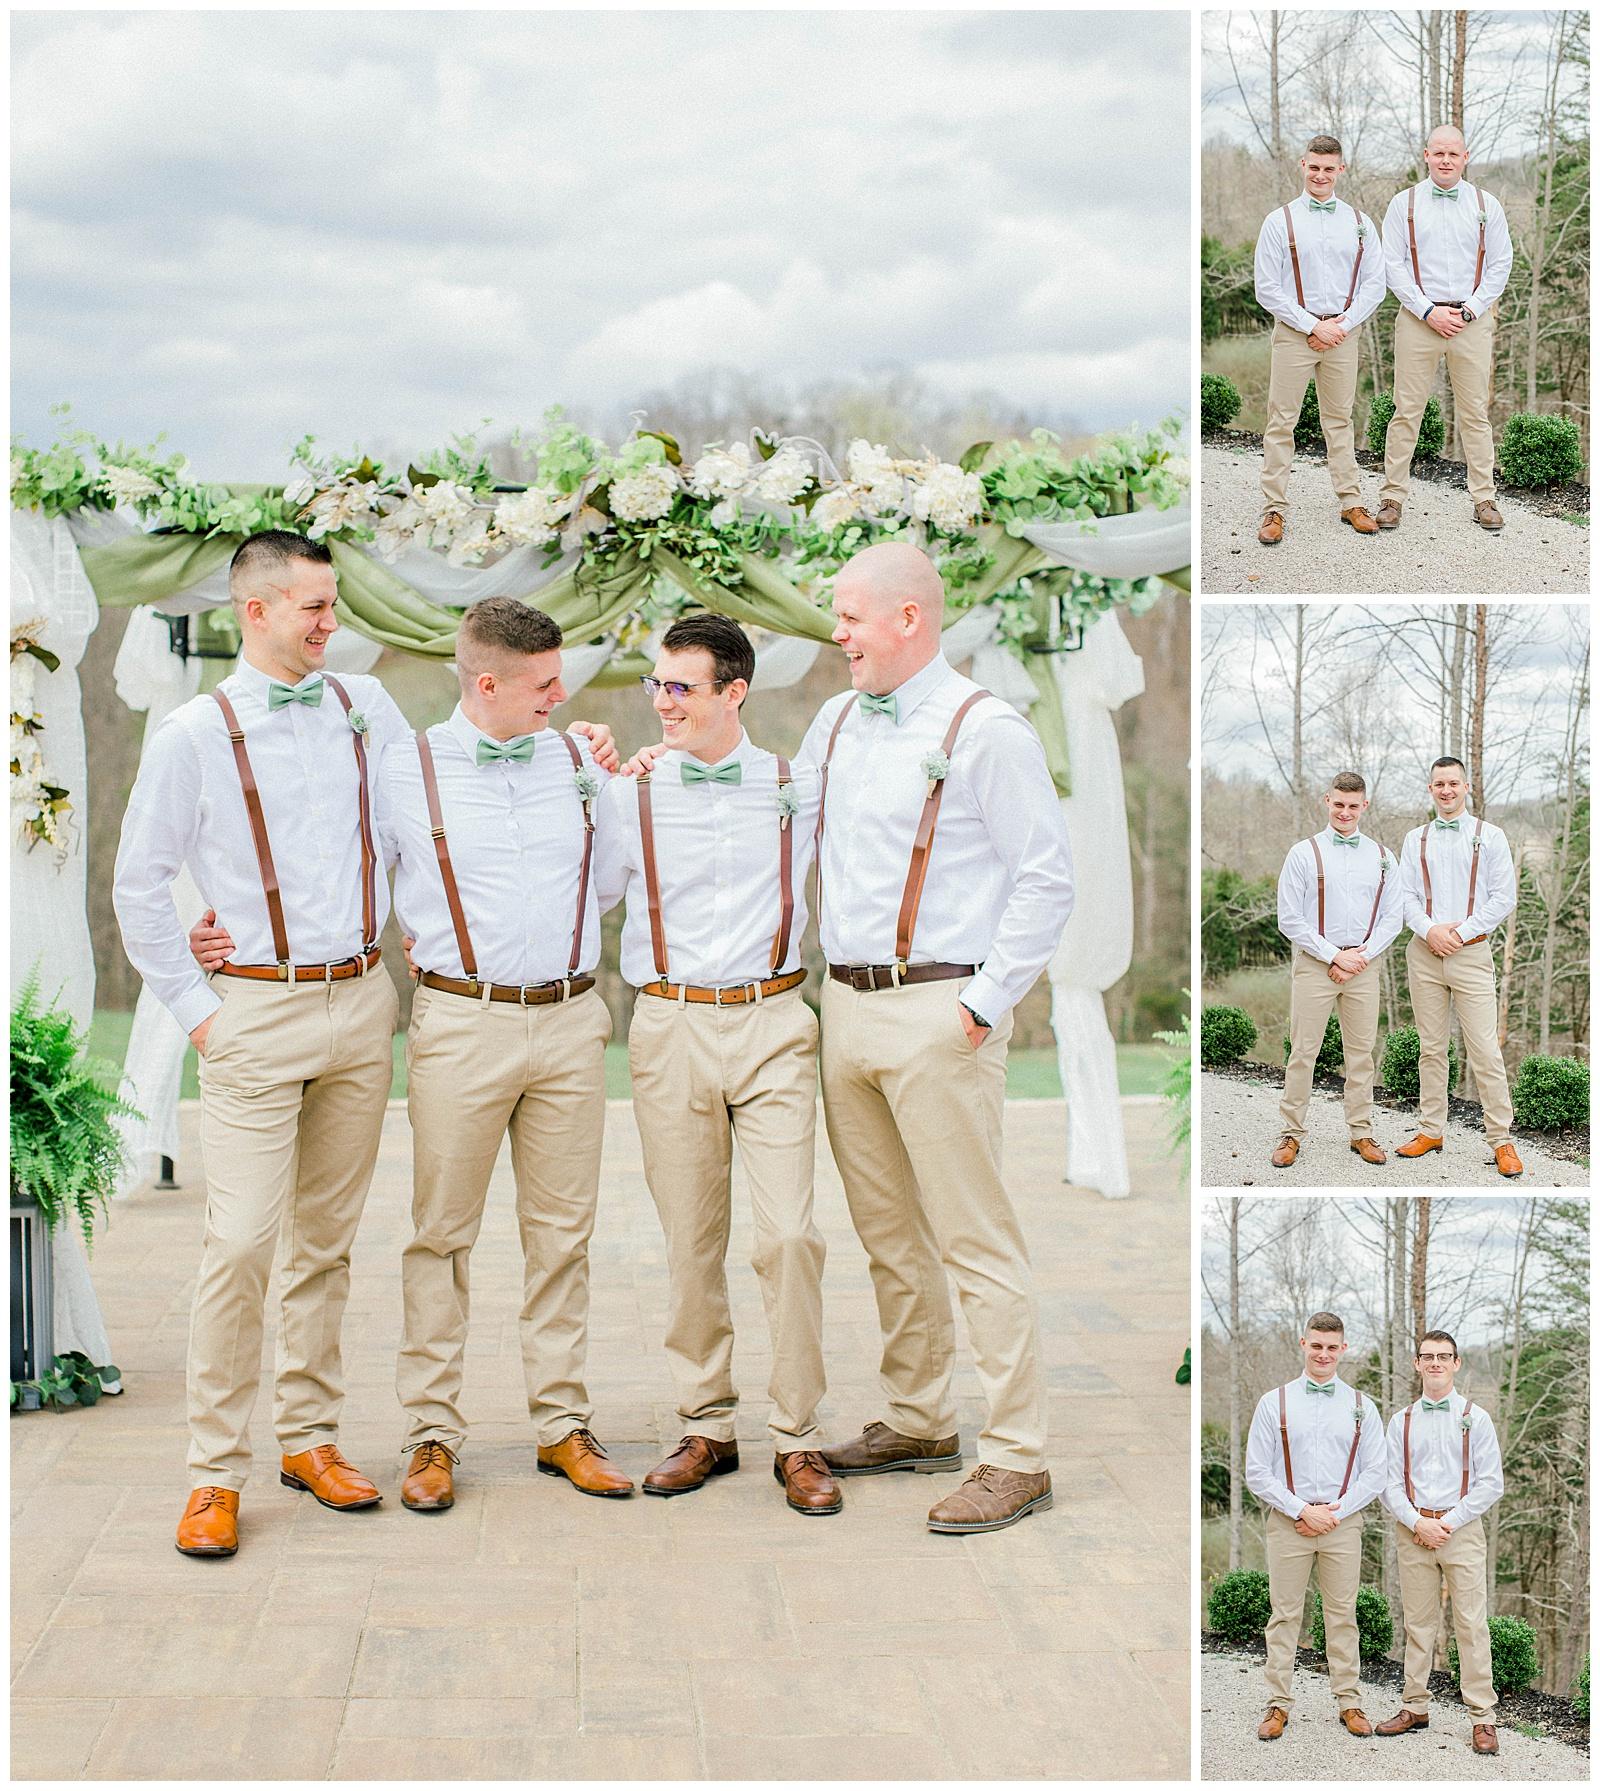 Lewis-Kara-Blakeman-Photography-Huntington-West-Virginia-Wedding-Barn-Olde-Homestead-65